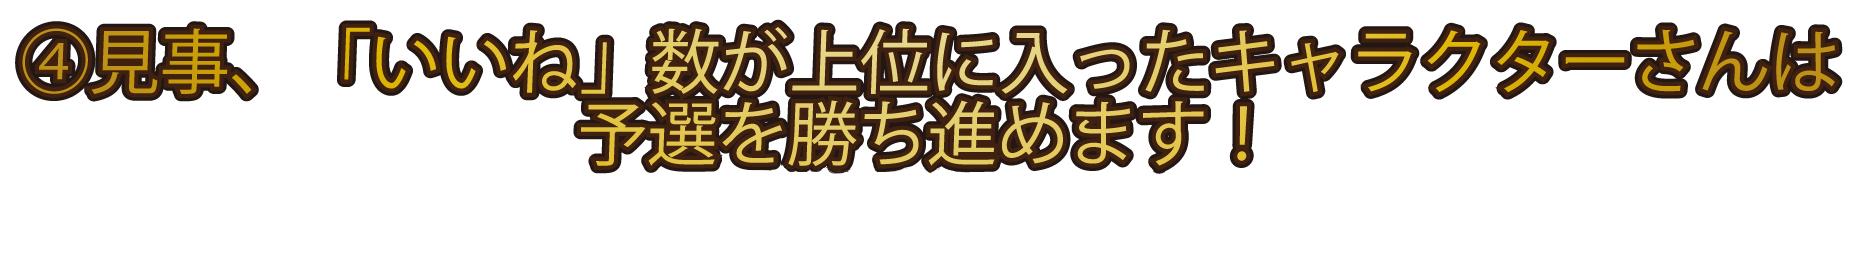 ④見事、「いいね」数が上位に入ったキャラクターさんは予選を勝ち進めます! (「いいね」カウント期間3/10 12:00~3/15 12:00)